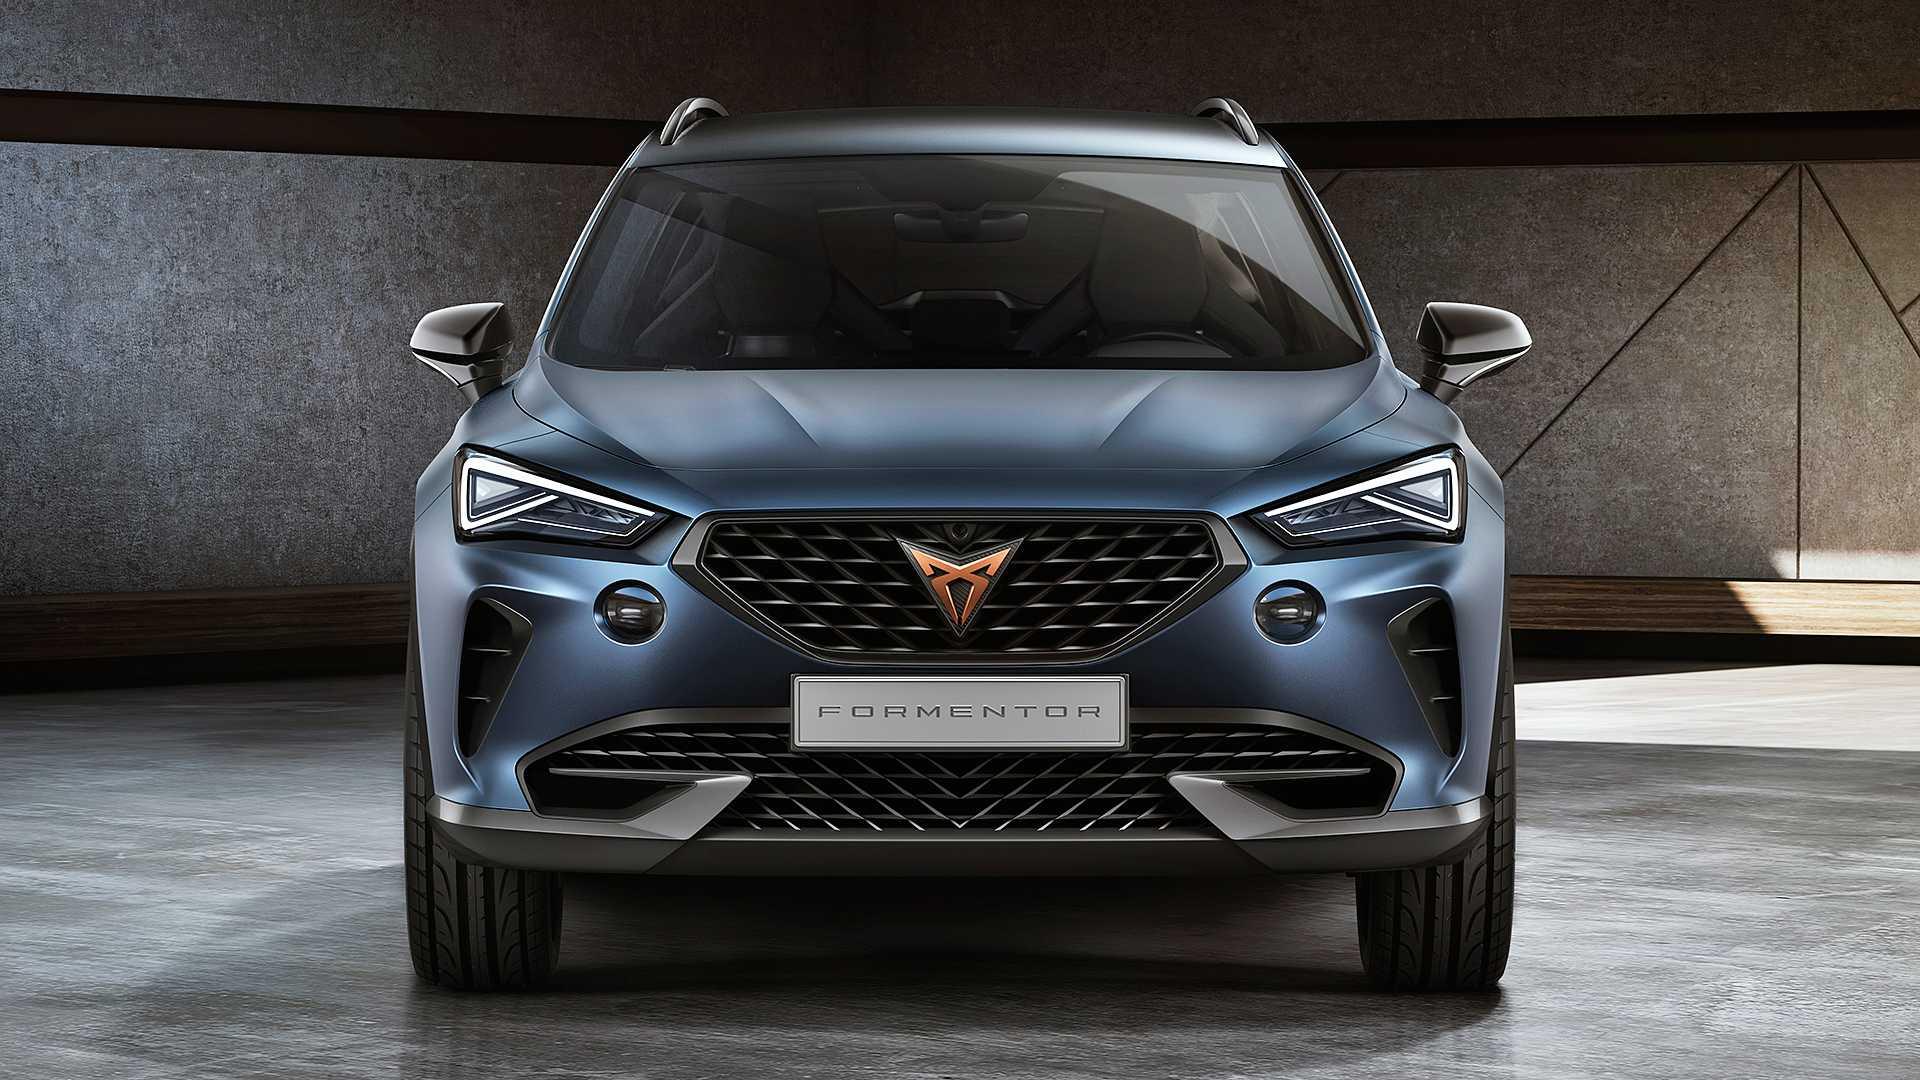 2019-cupra-formentor-concept (8)